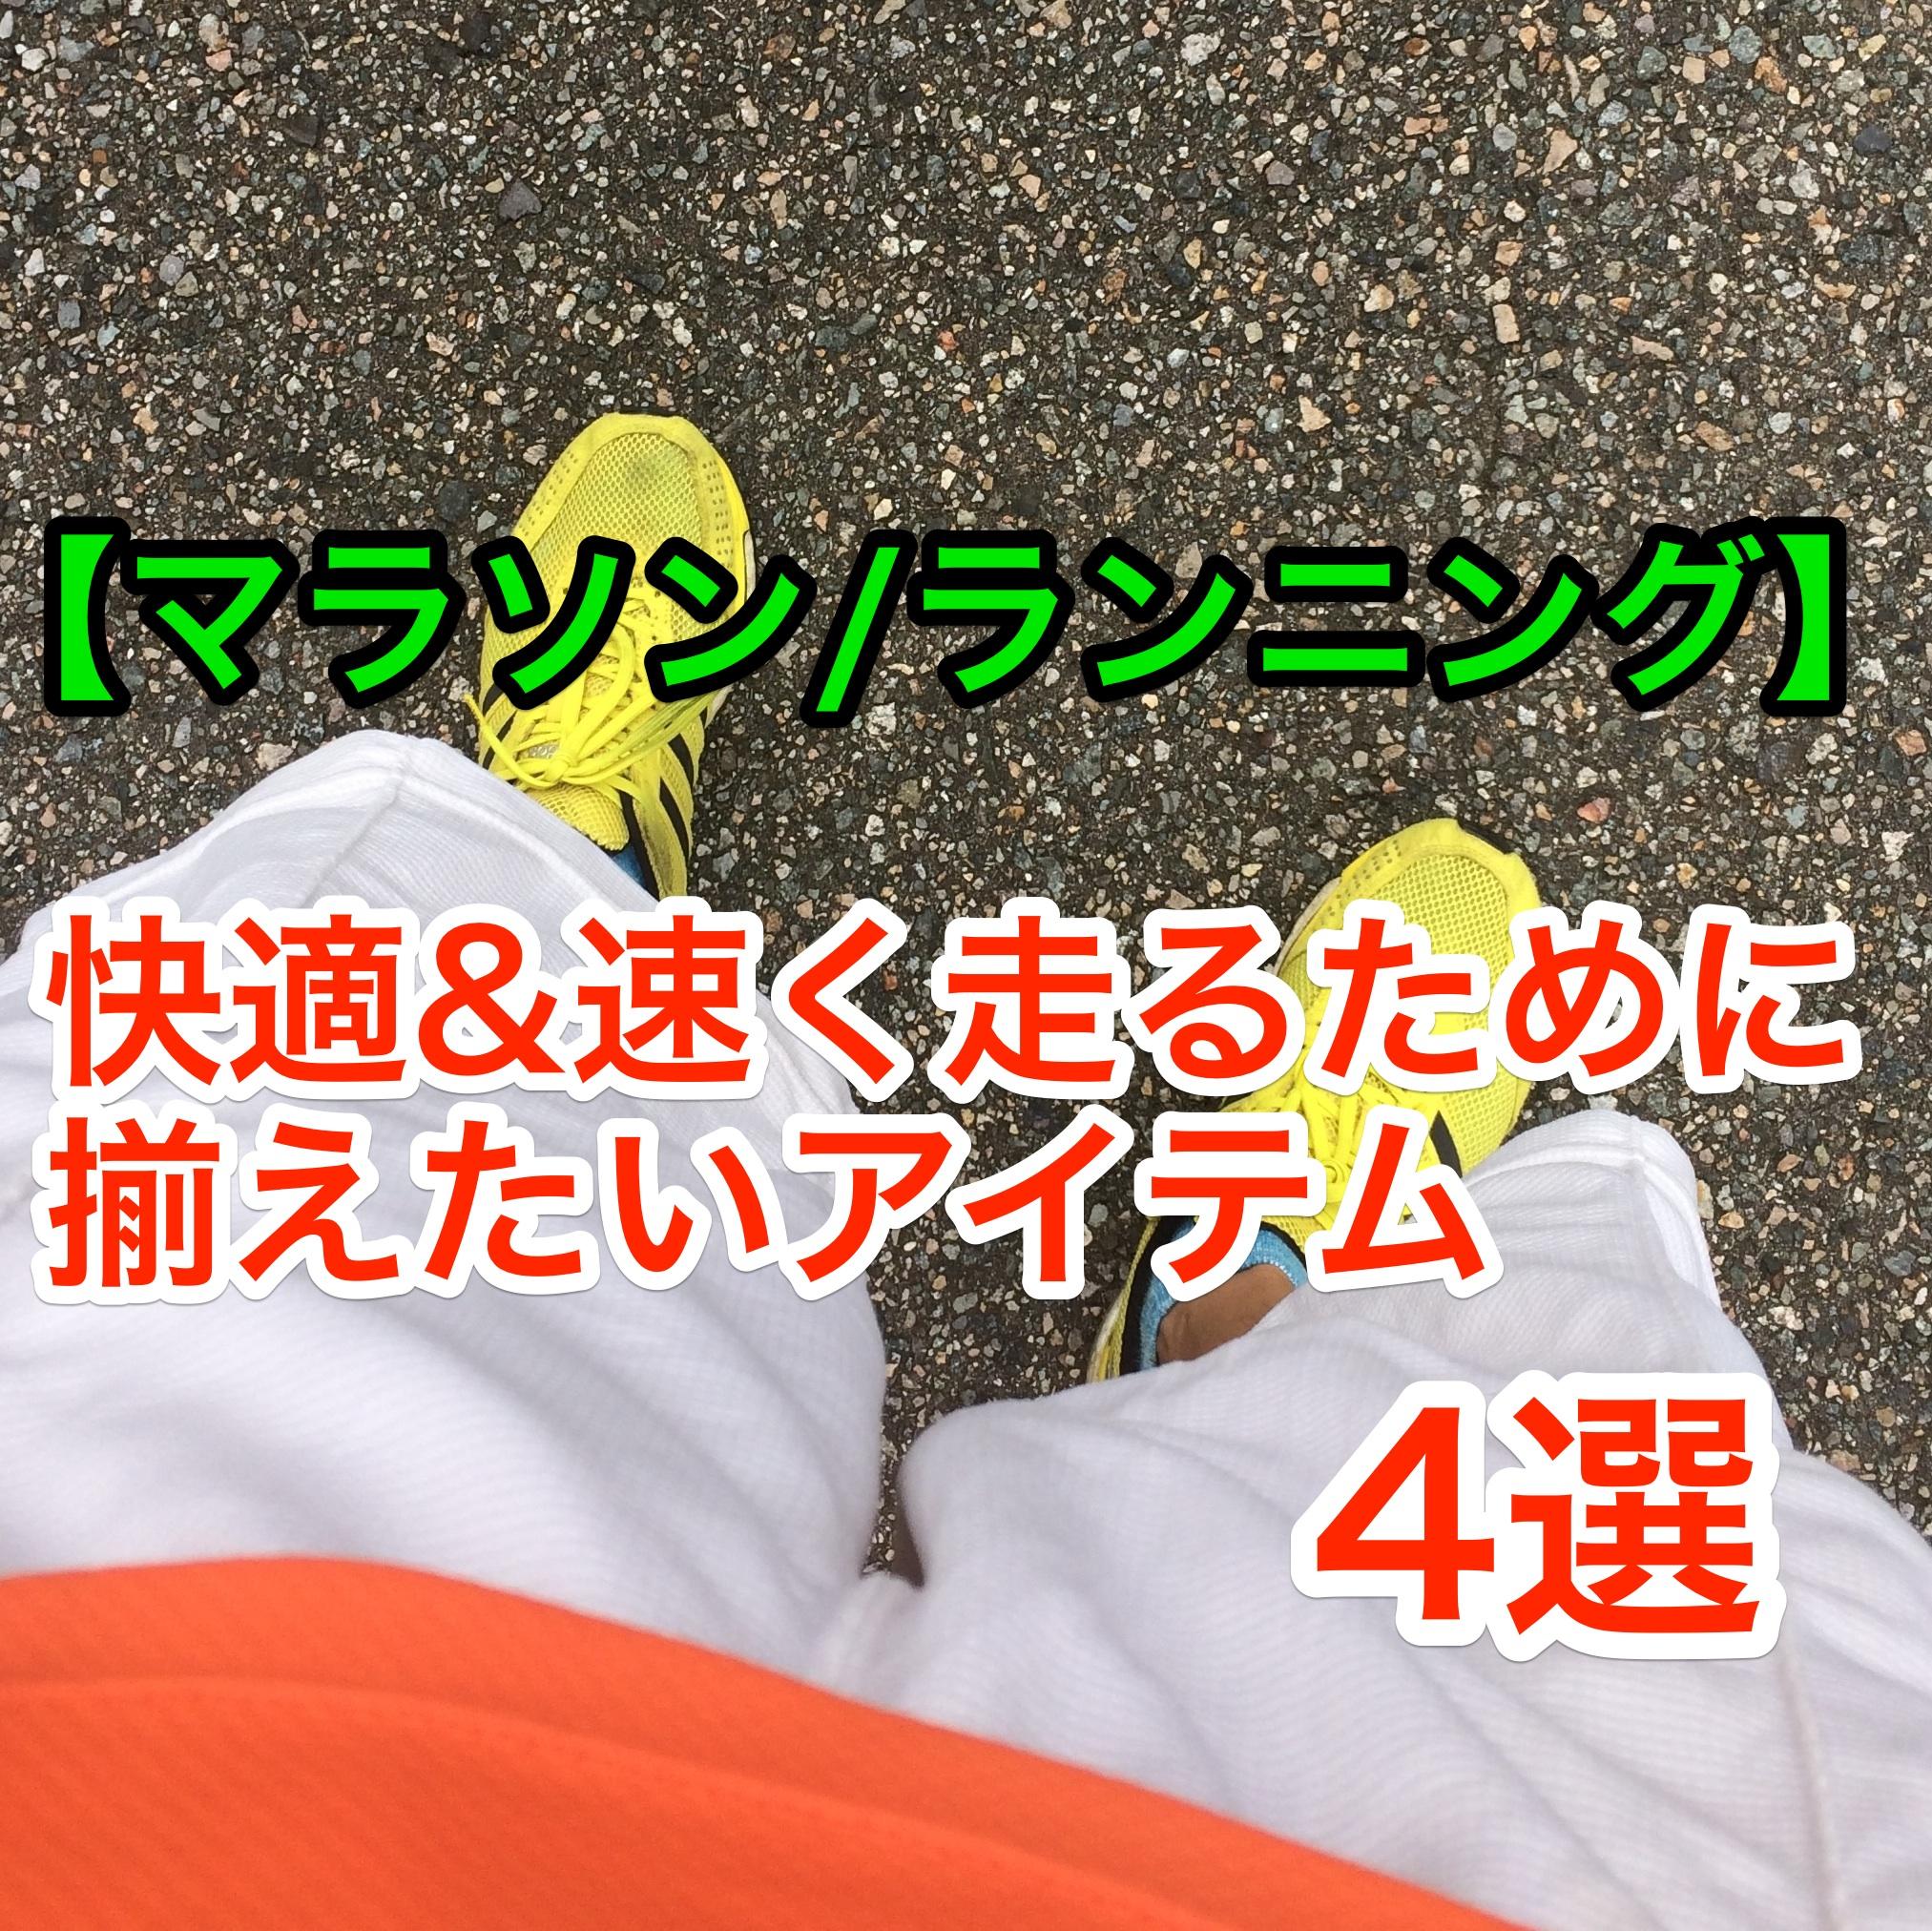 【マラソン/ランニング】快適に走るために最低限揃えたい4道具